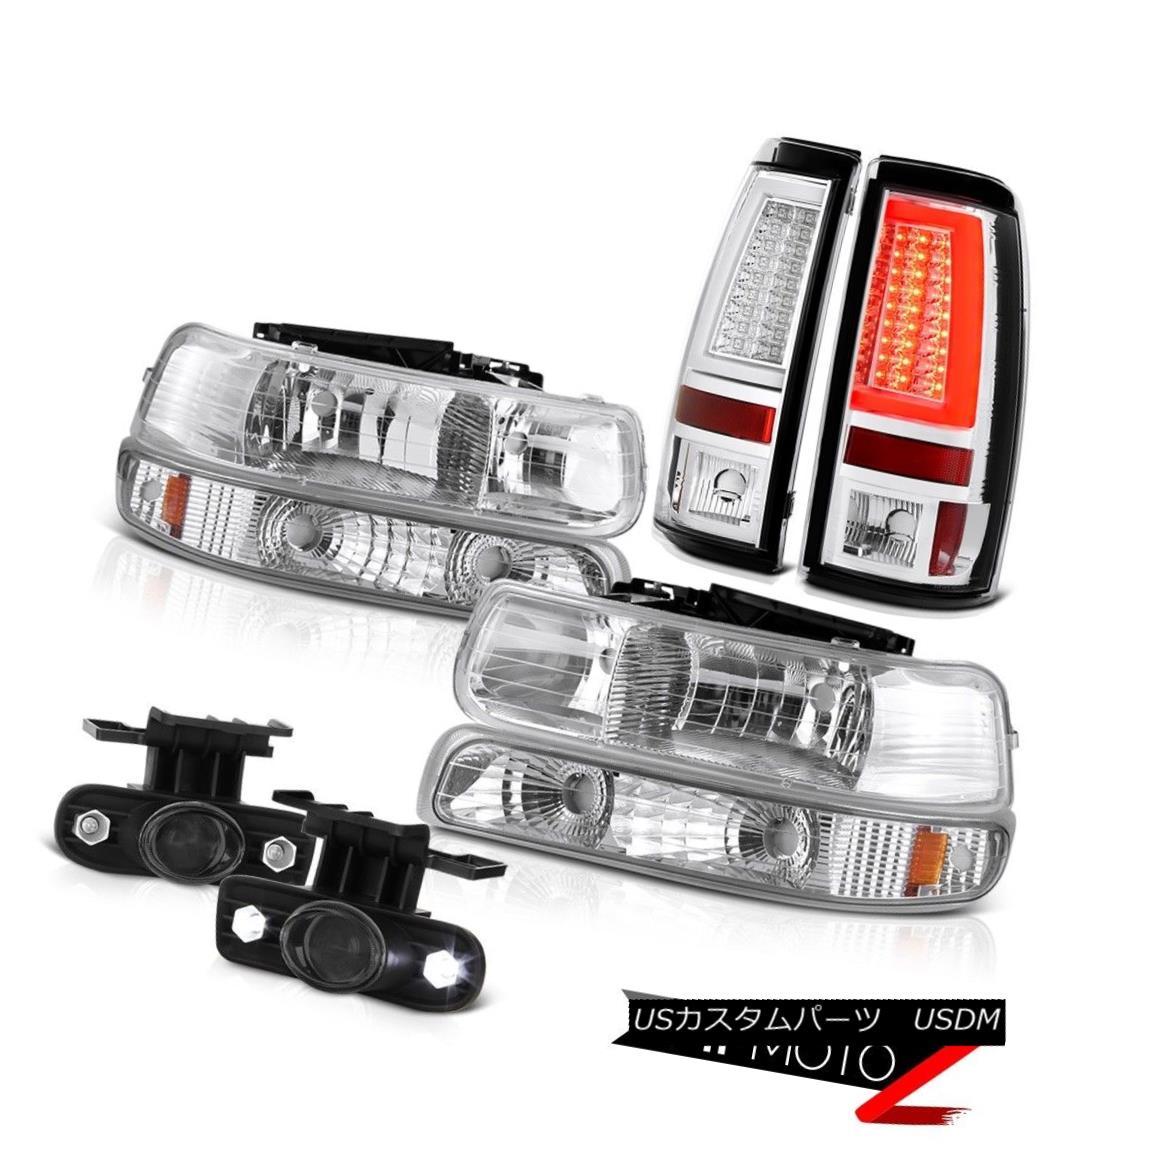 テールライト 99 00 01 02 Silverado 3500 Taillights Headlights Fog Lamps Neon Tube